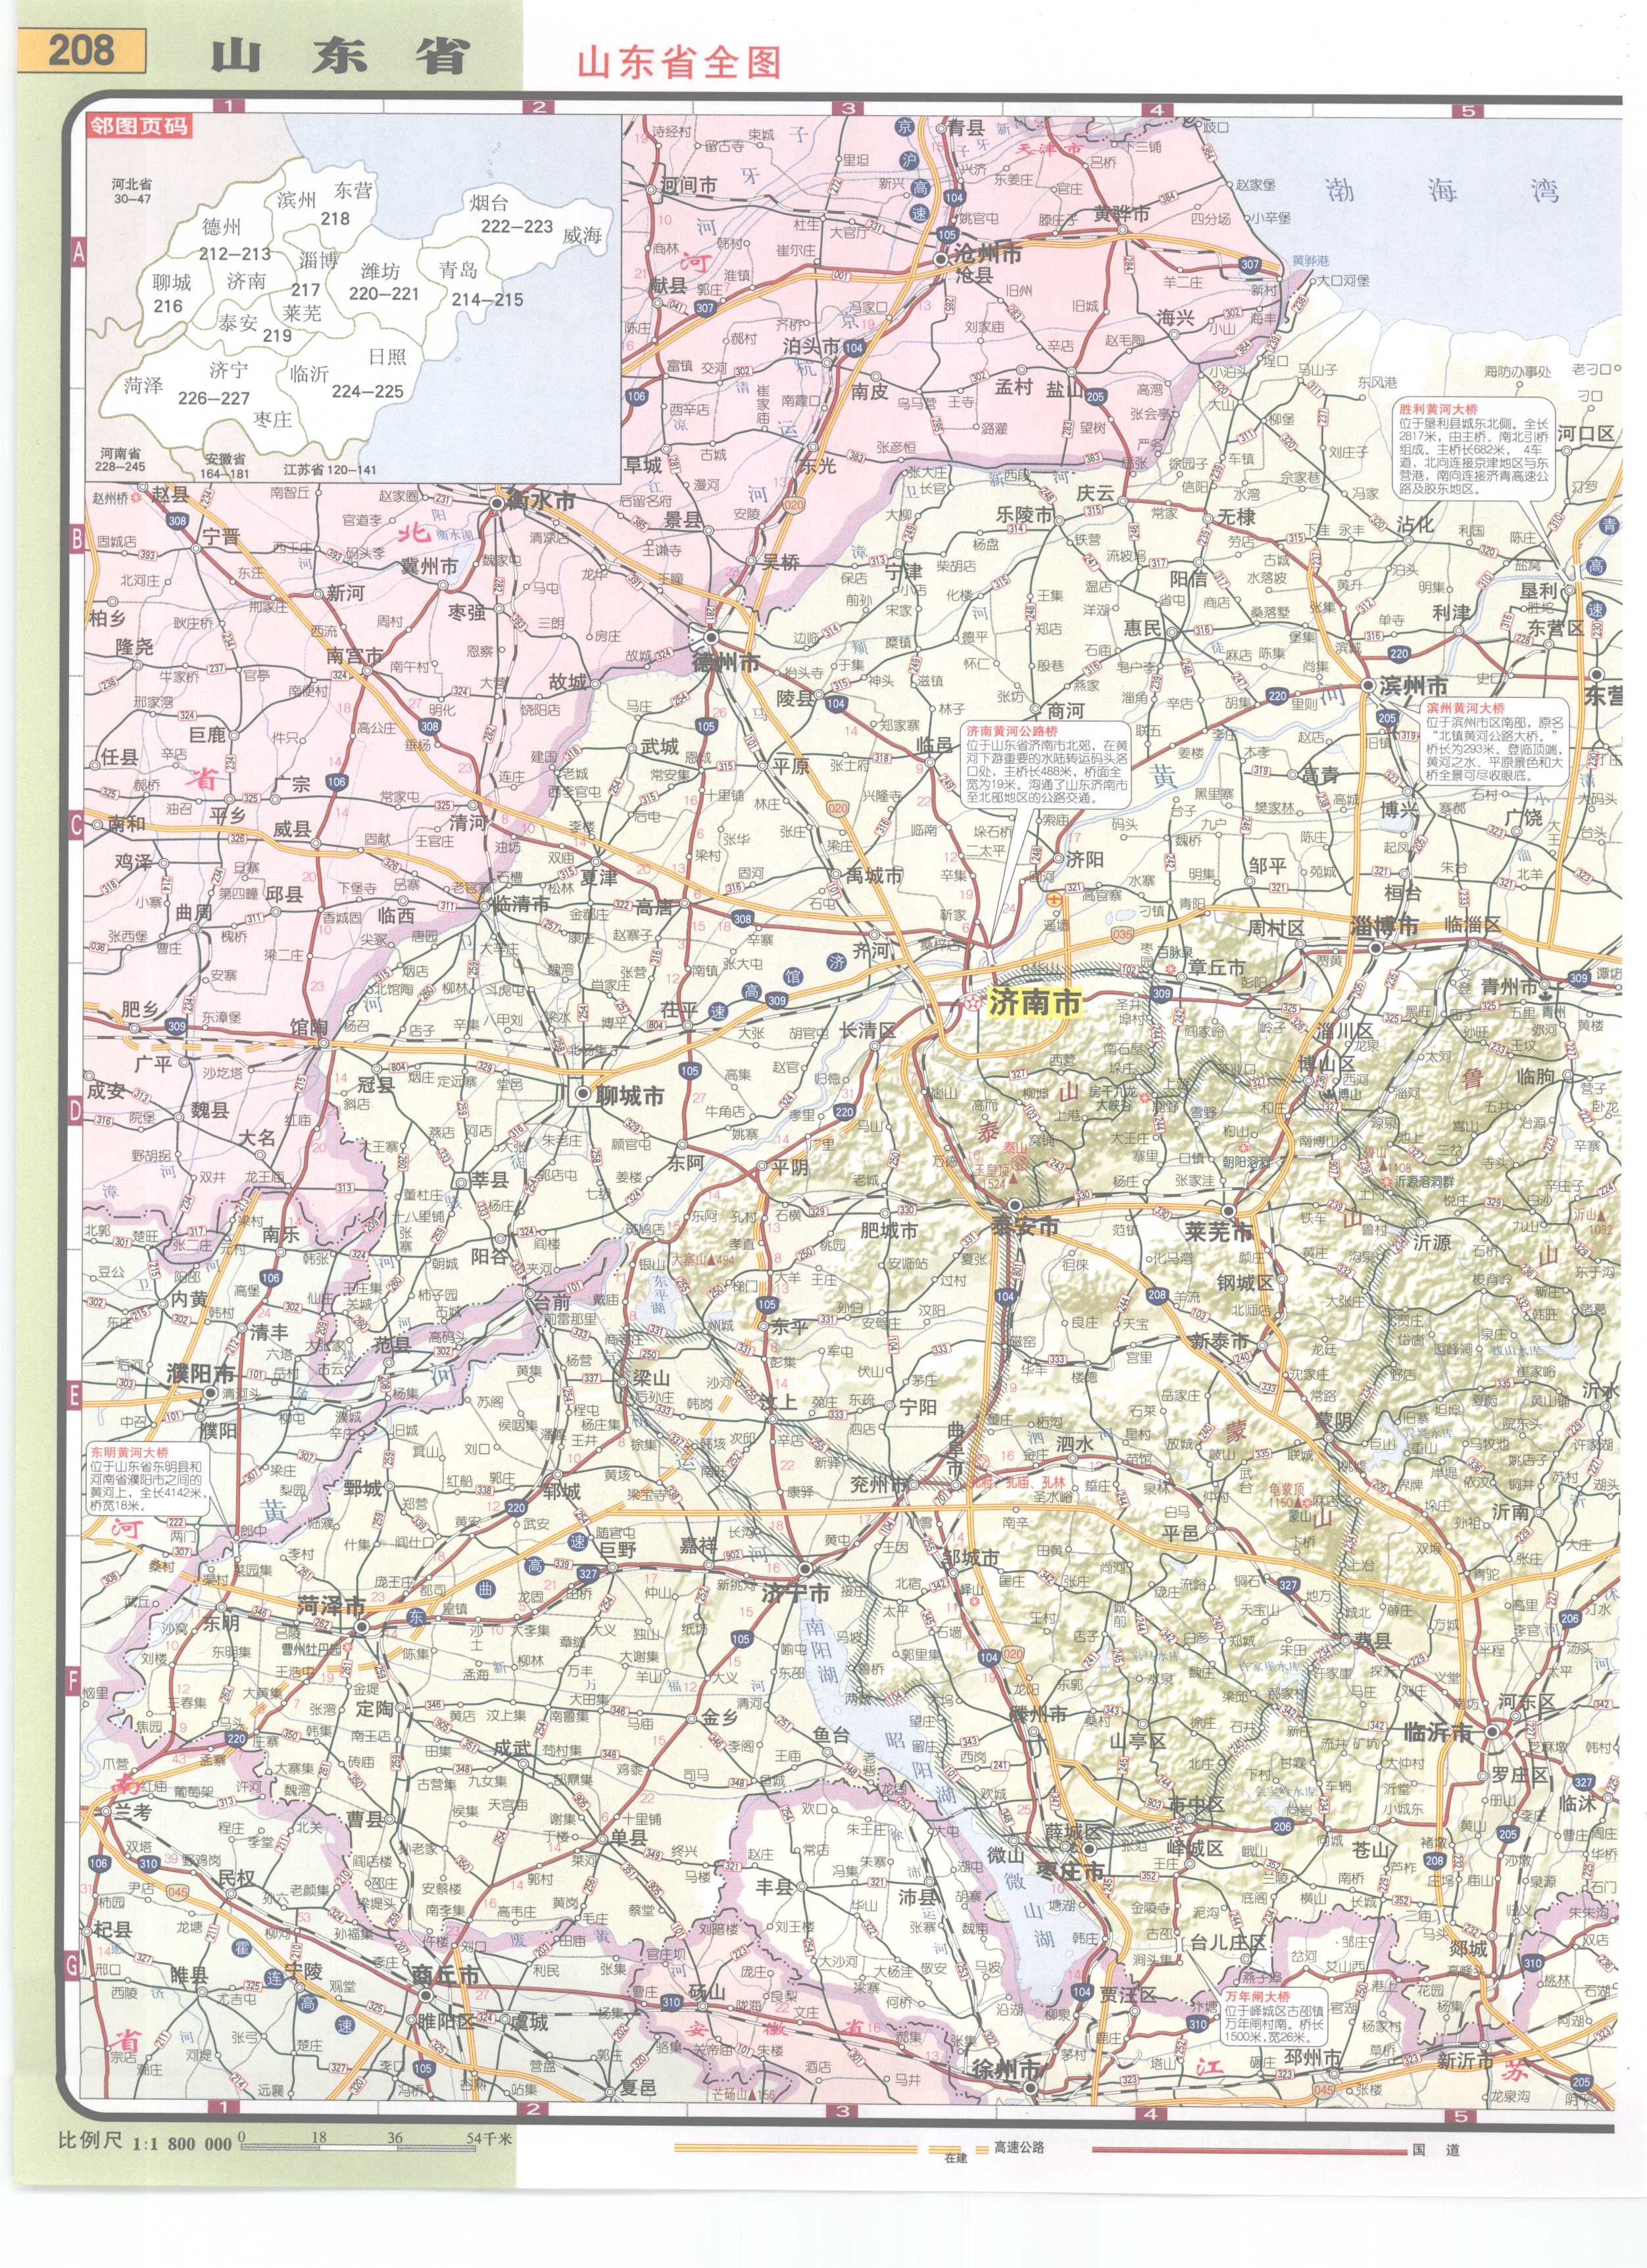 山东省高速公路网地图